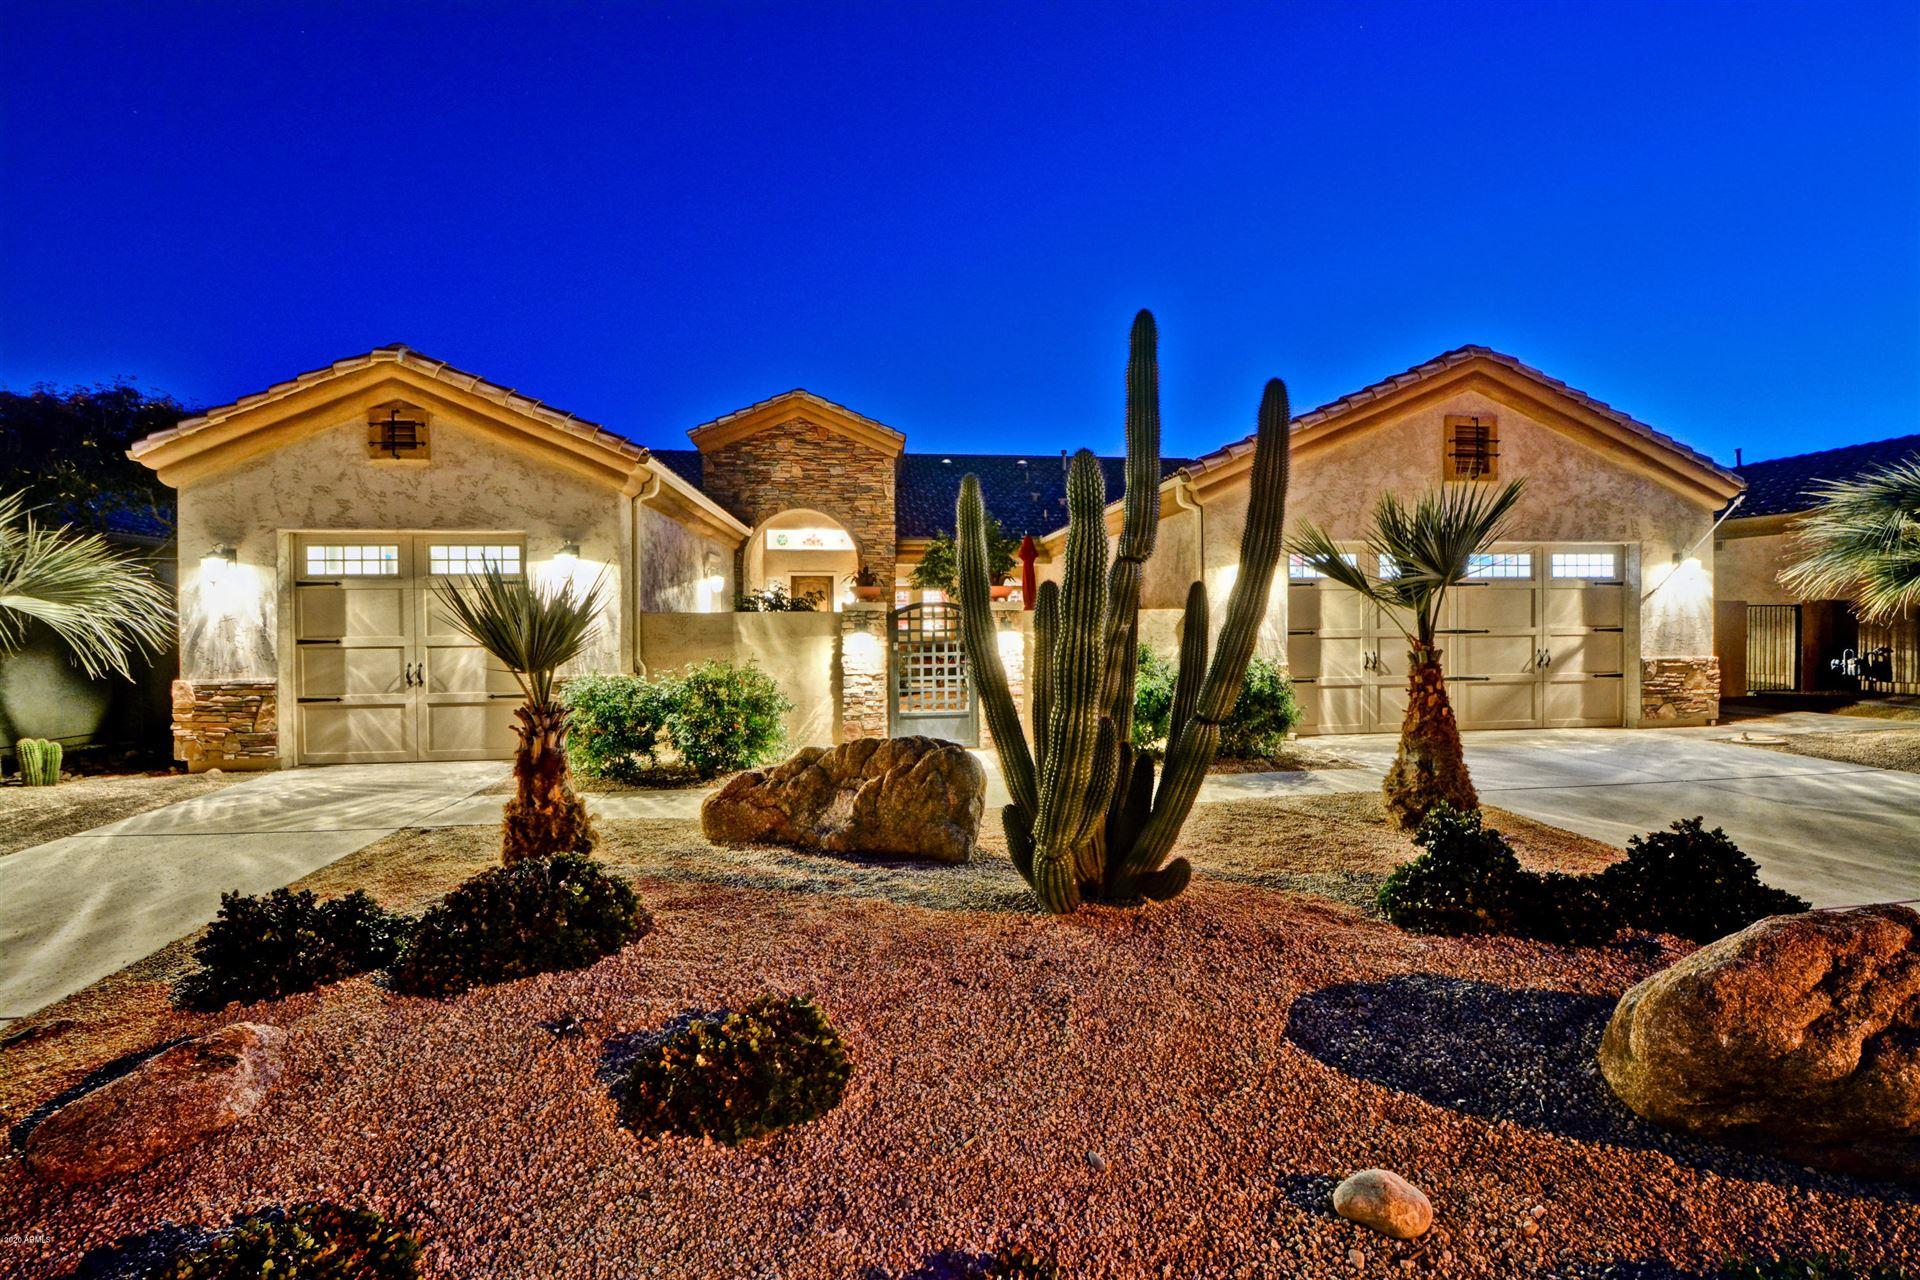 14727 W CARBINE Court, Sun City West, AZ 85375 - MLS#: 6030653